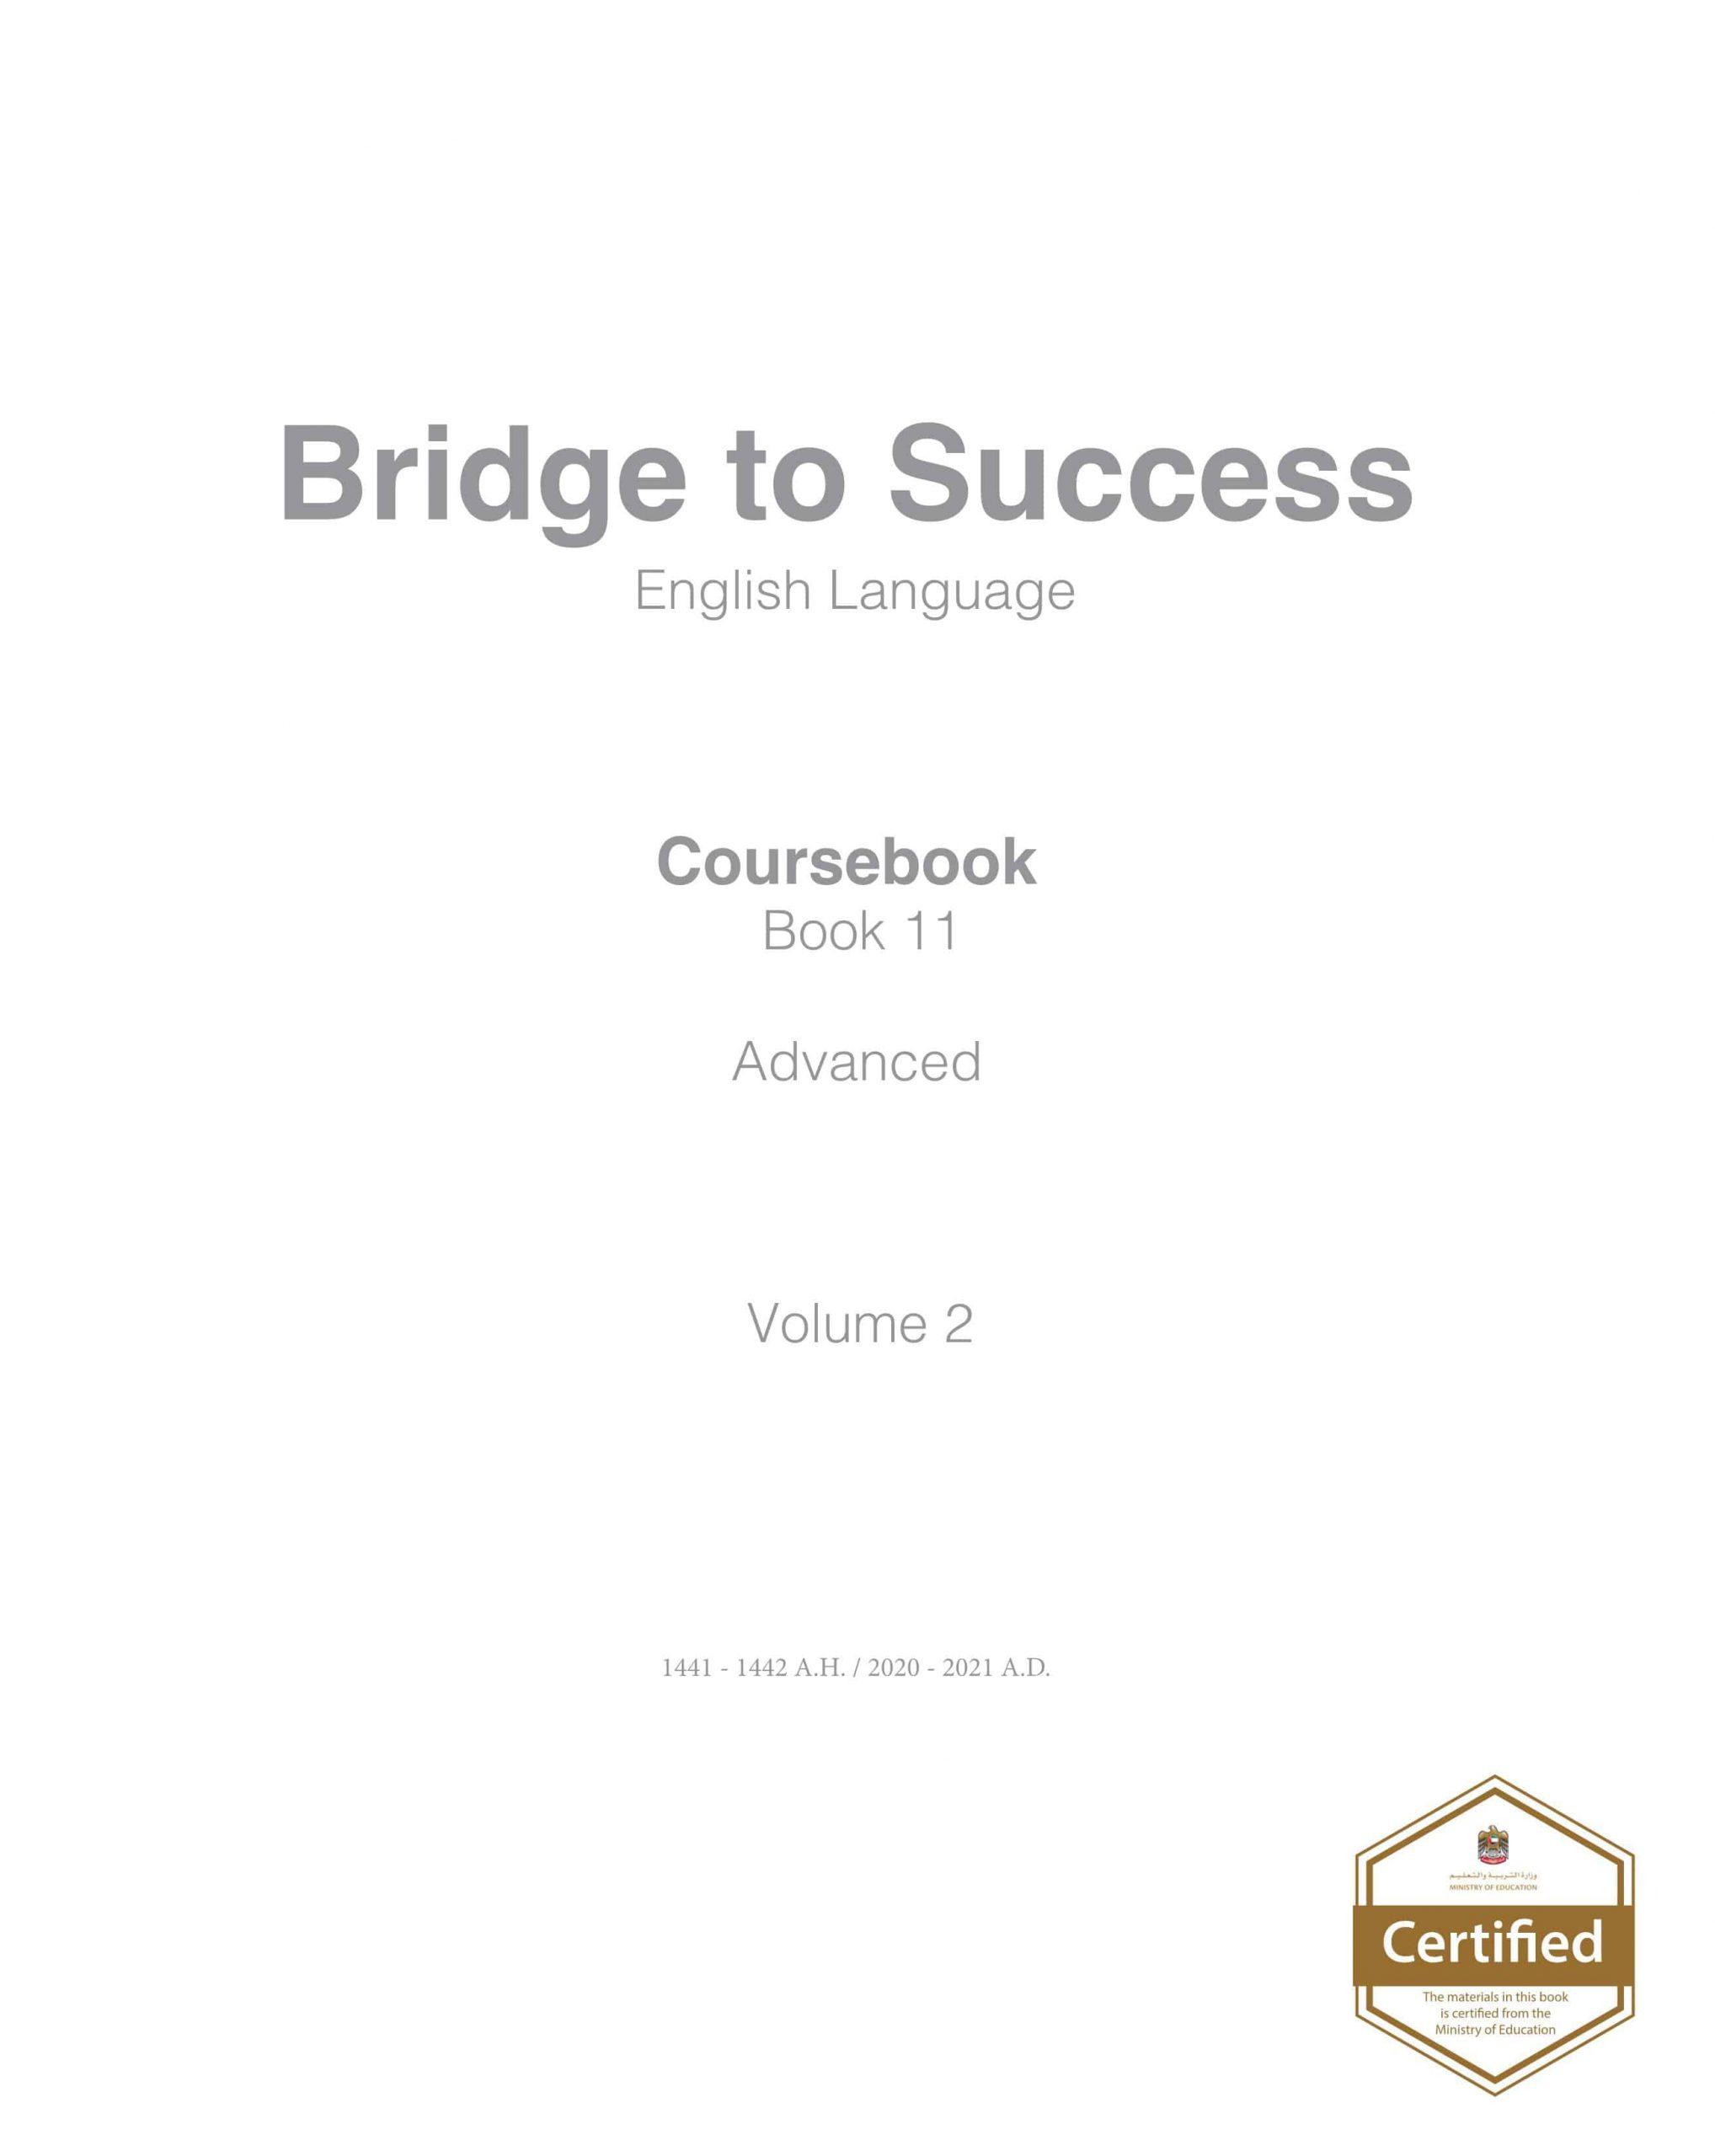 كتاب الطالب Course book الفصل الدراسي الثاني 2020-2021 الصف الحادي عشر مادة اللغة الانجليزية